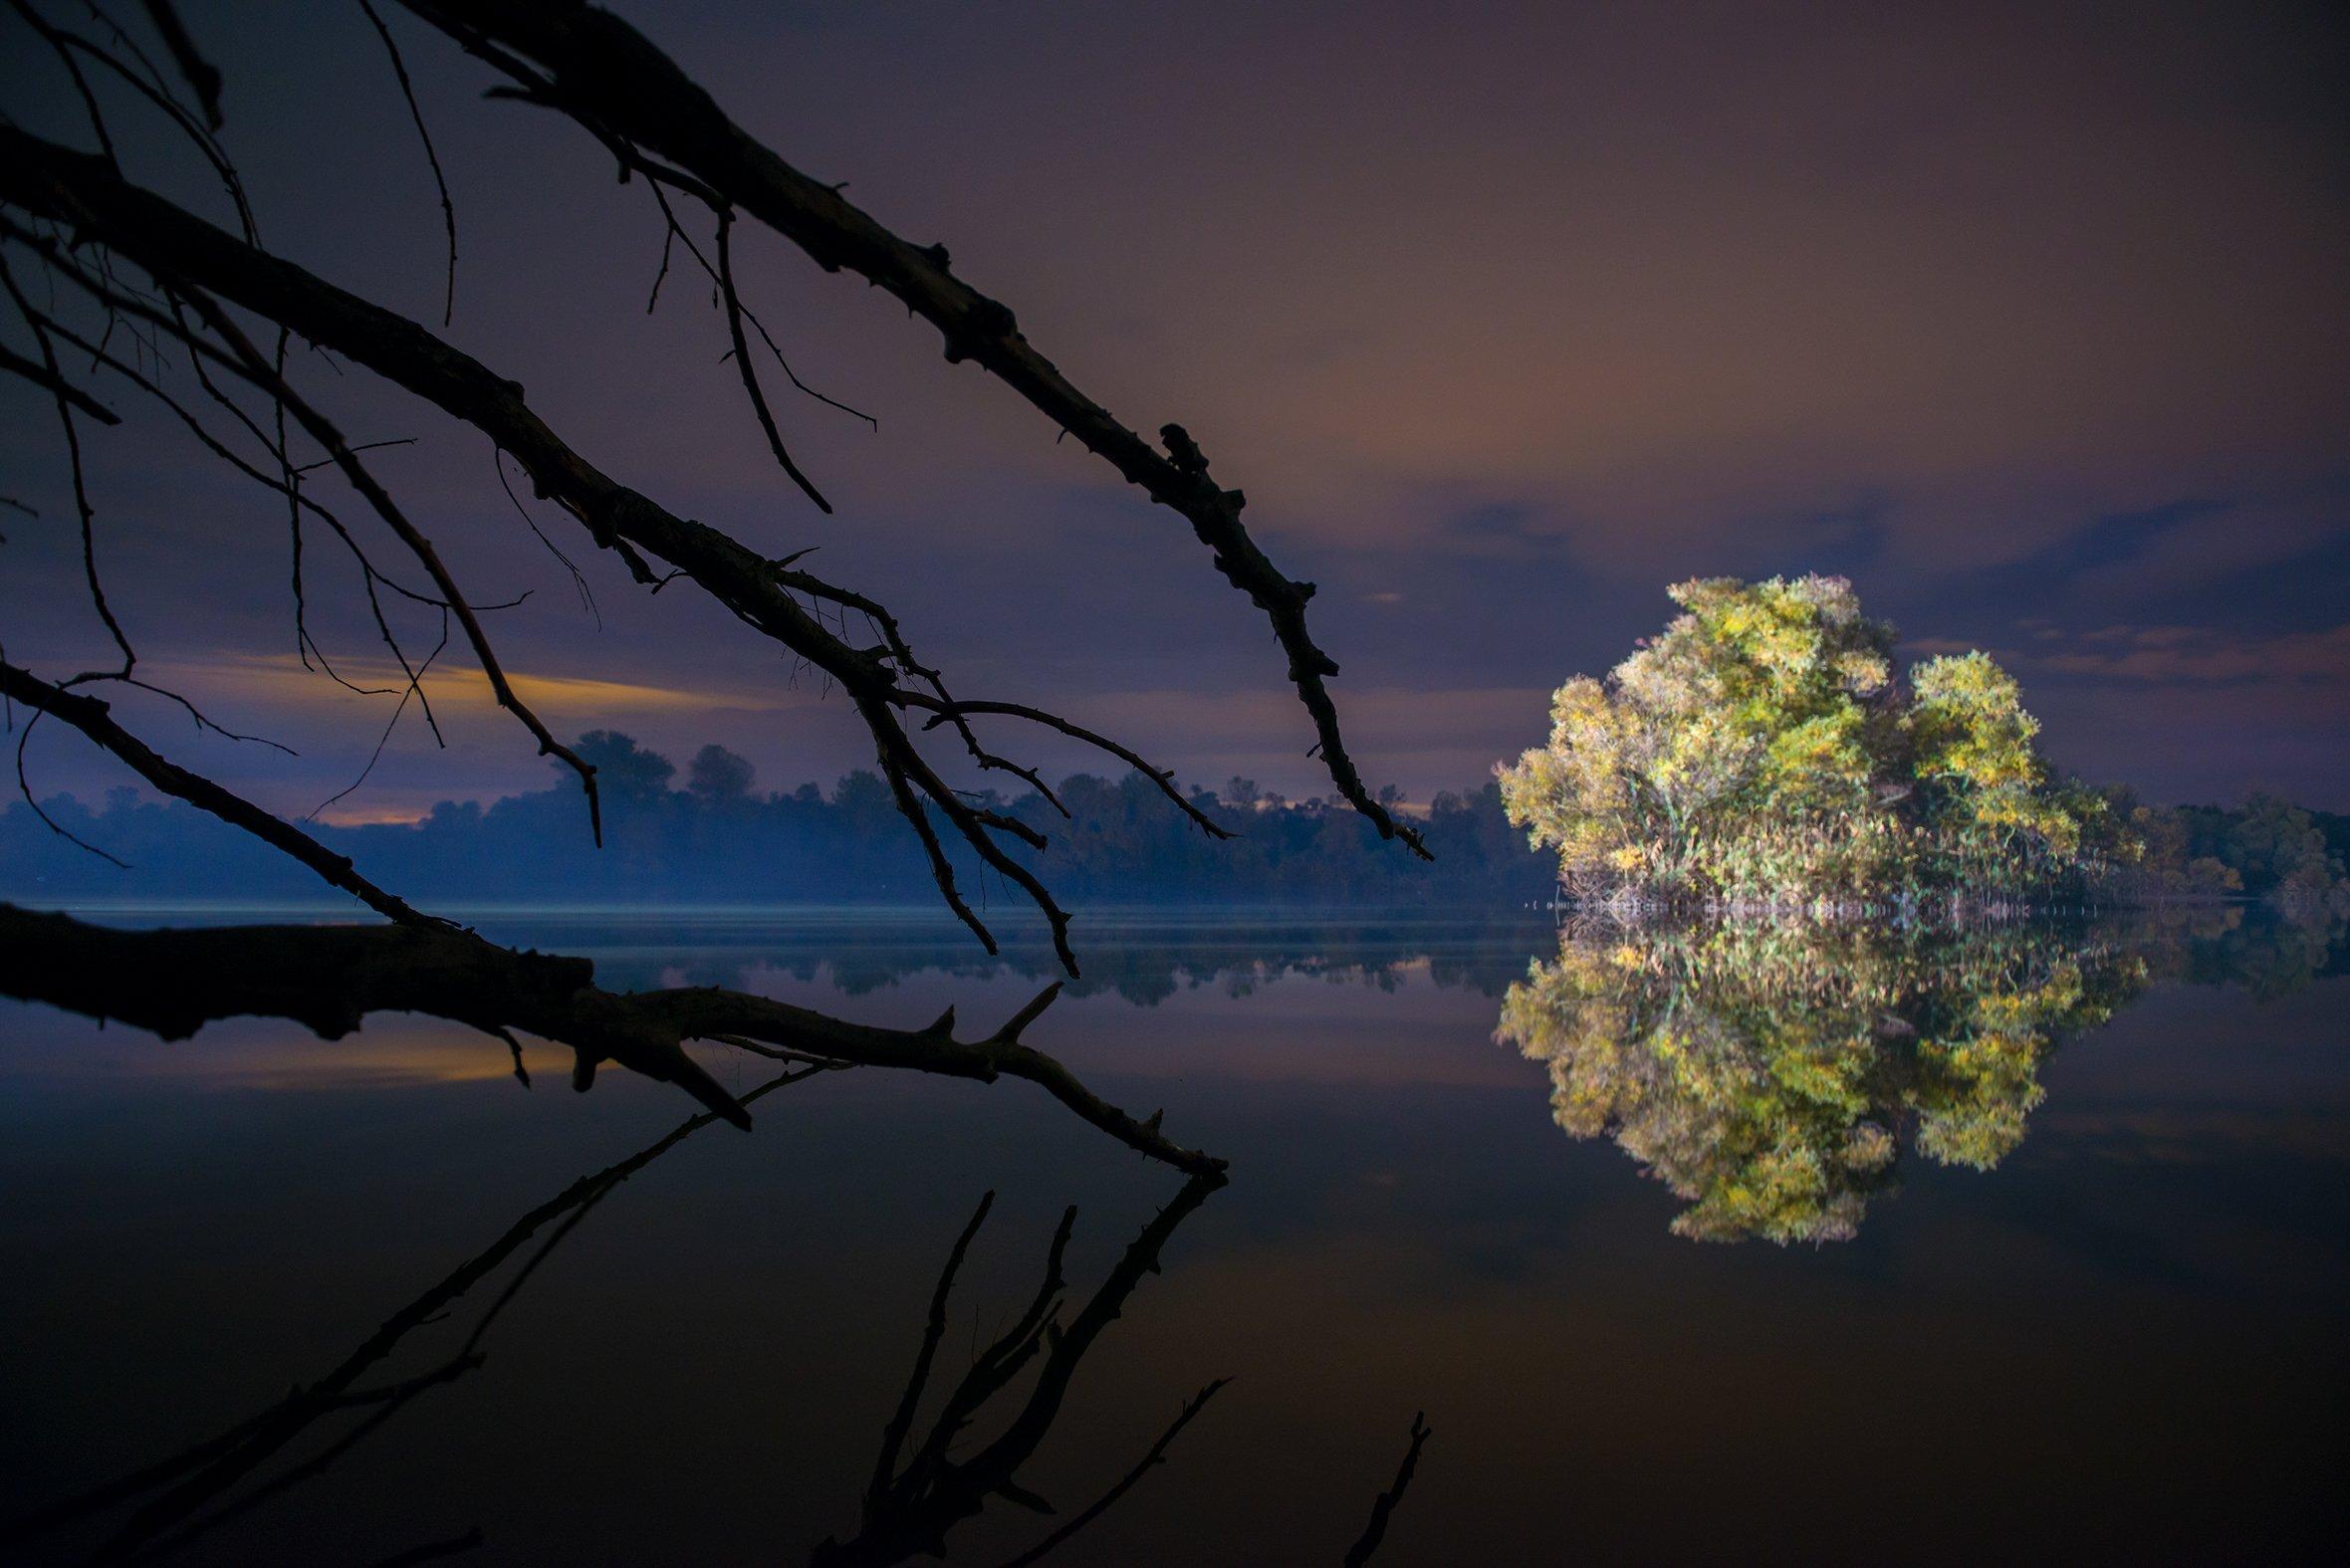 озеро, ночь, небо, деревья, вода, Геннадий Дьячук